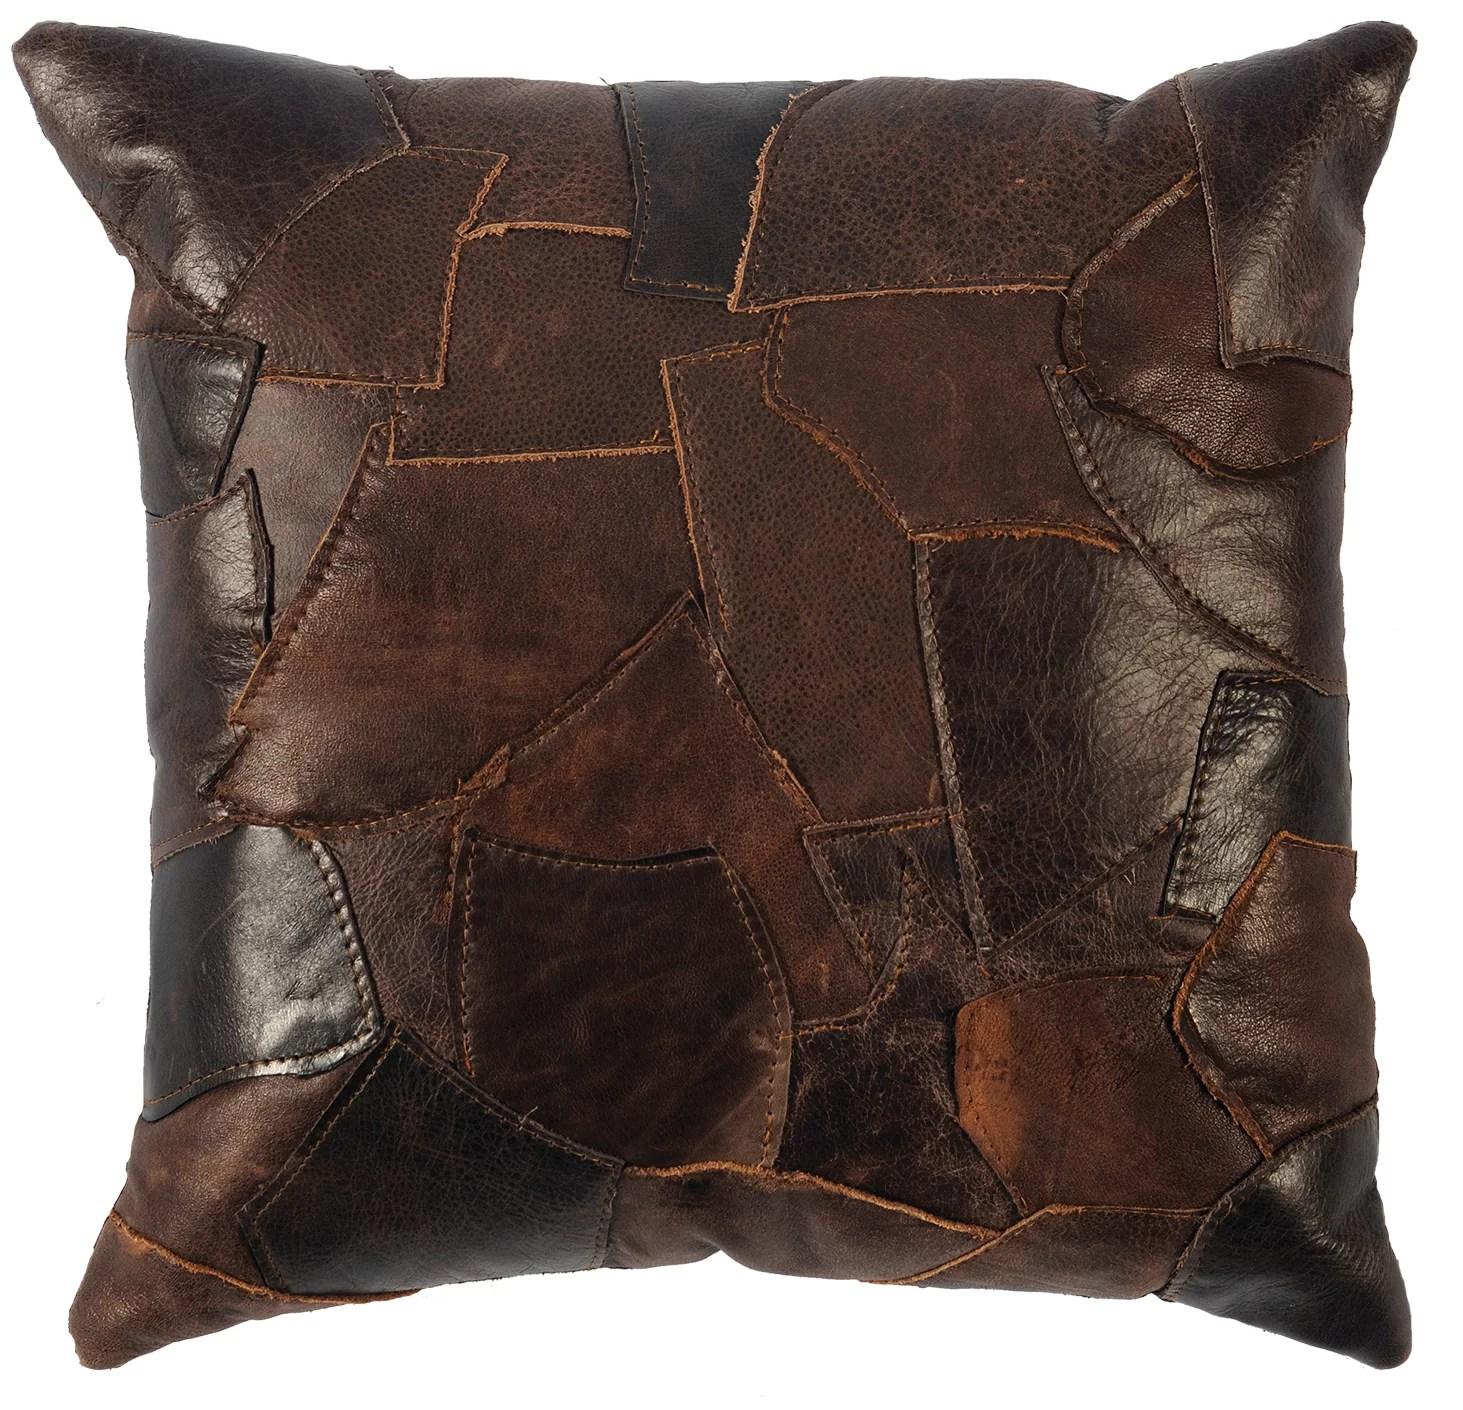 oyalowo leather throw pillow